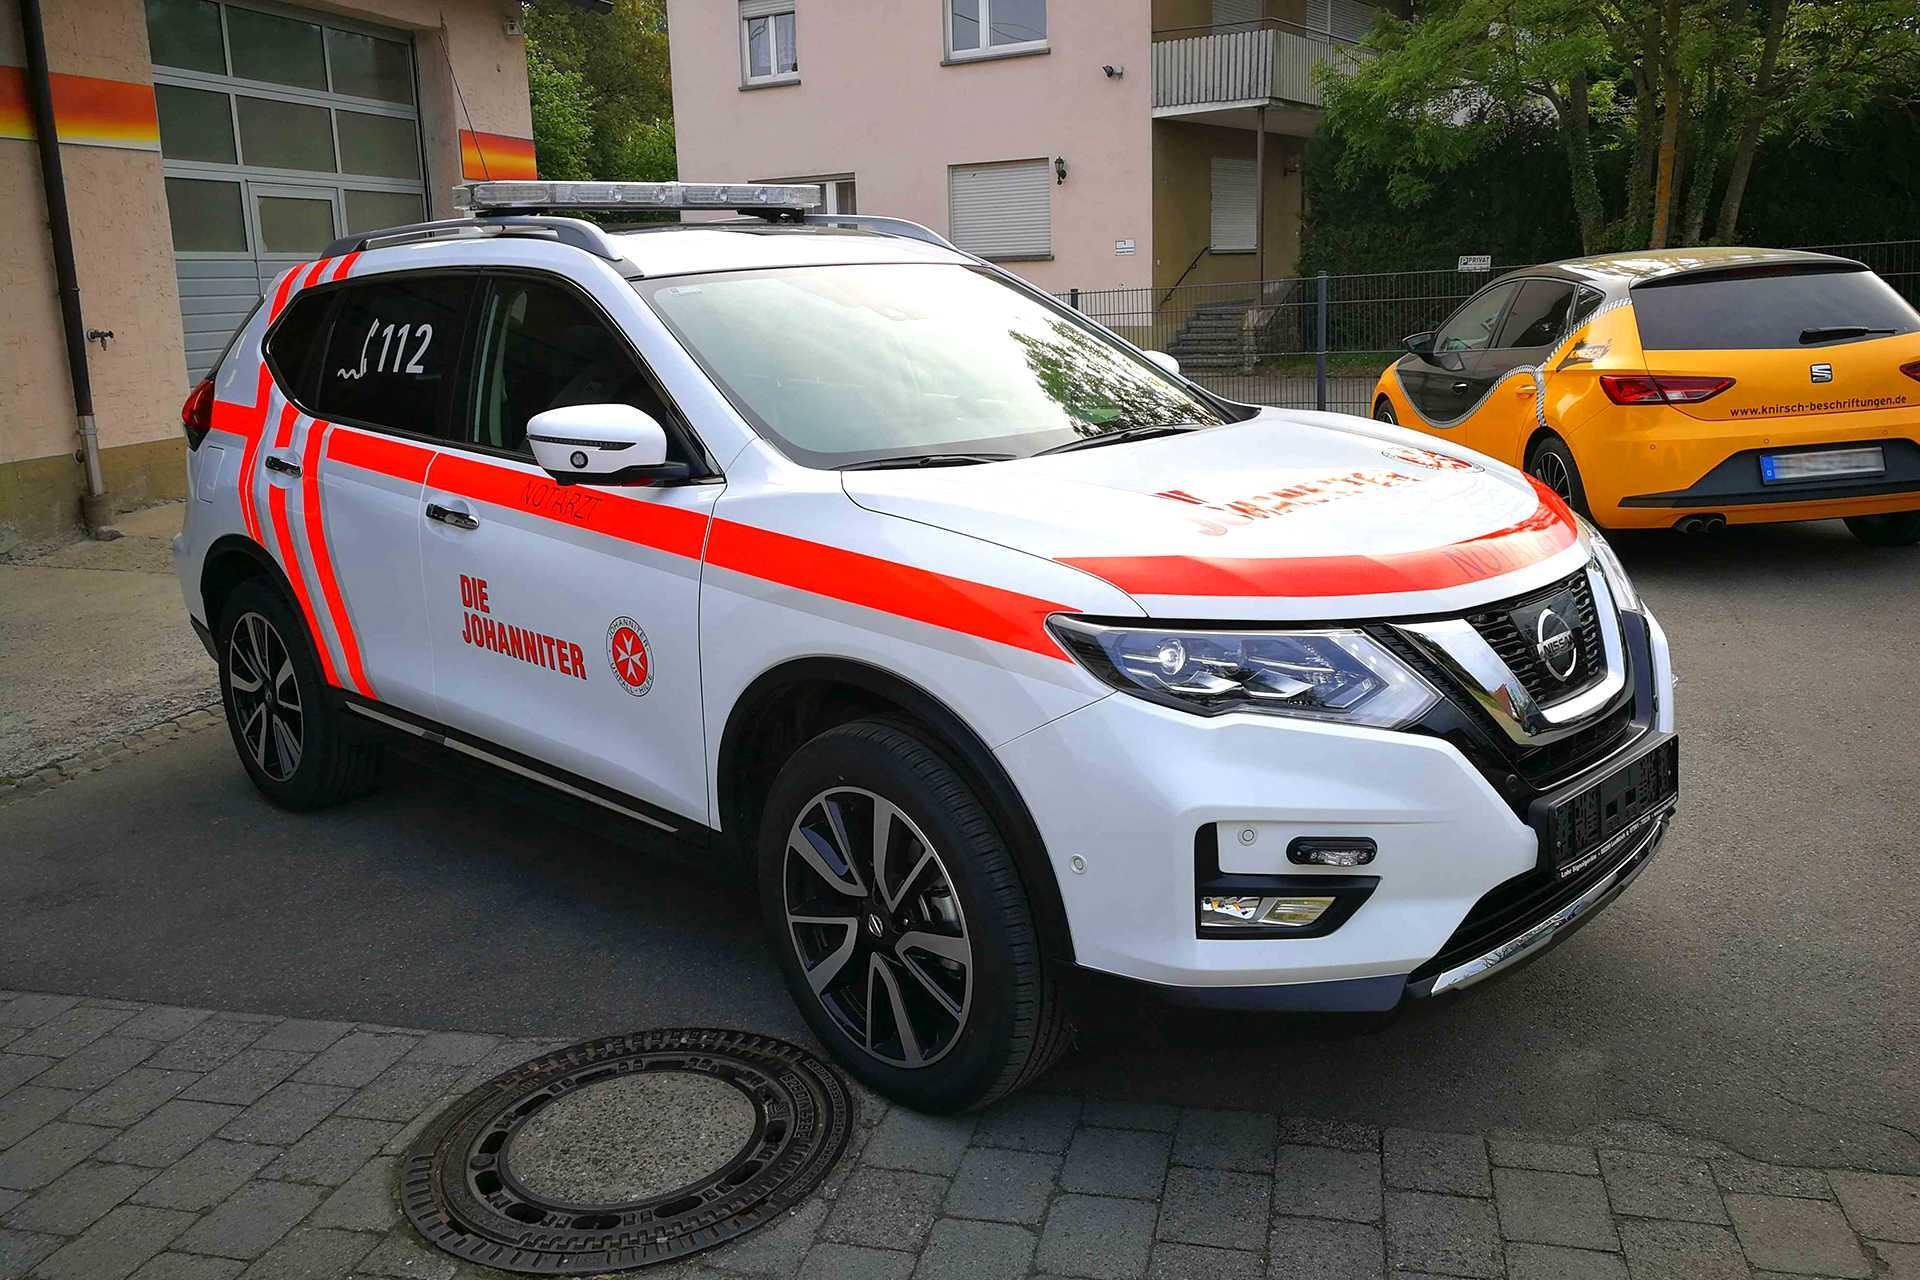 2IMG_20180504_074630_Ref_Fahrzeug